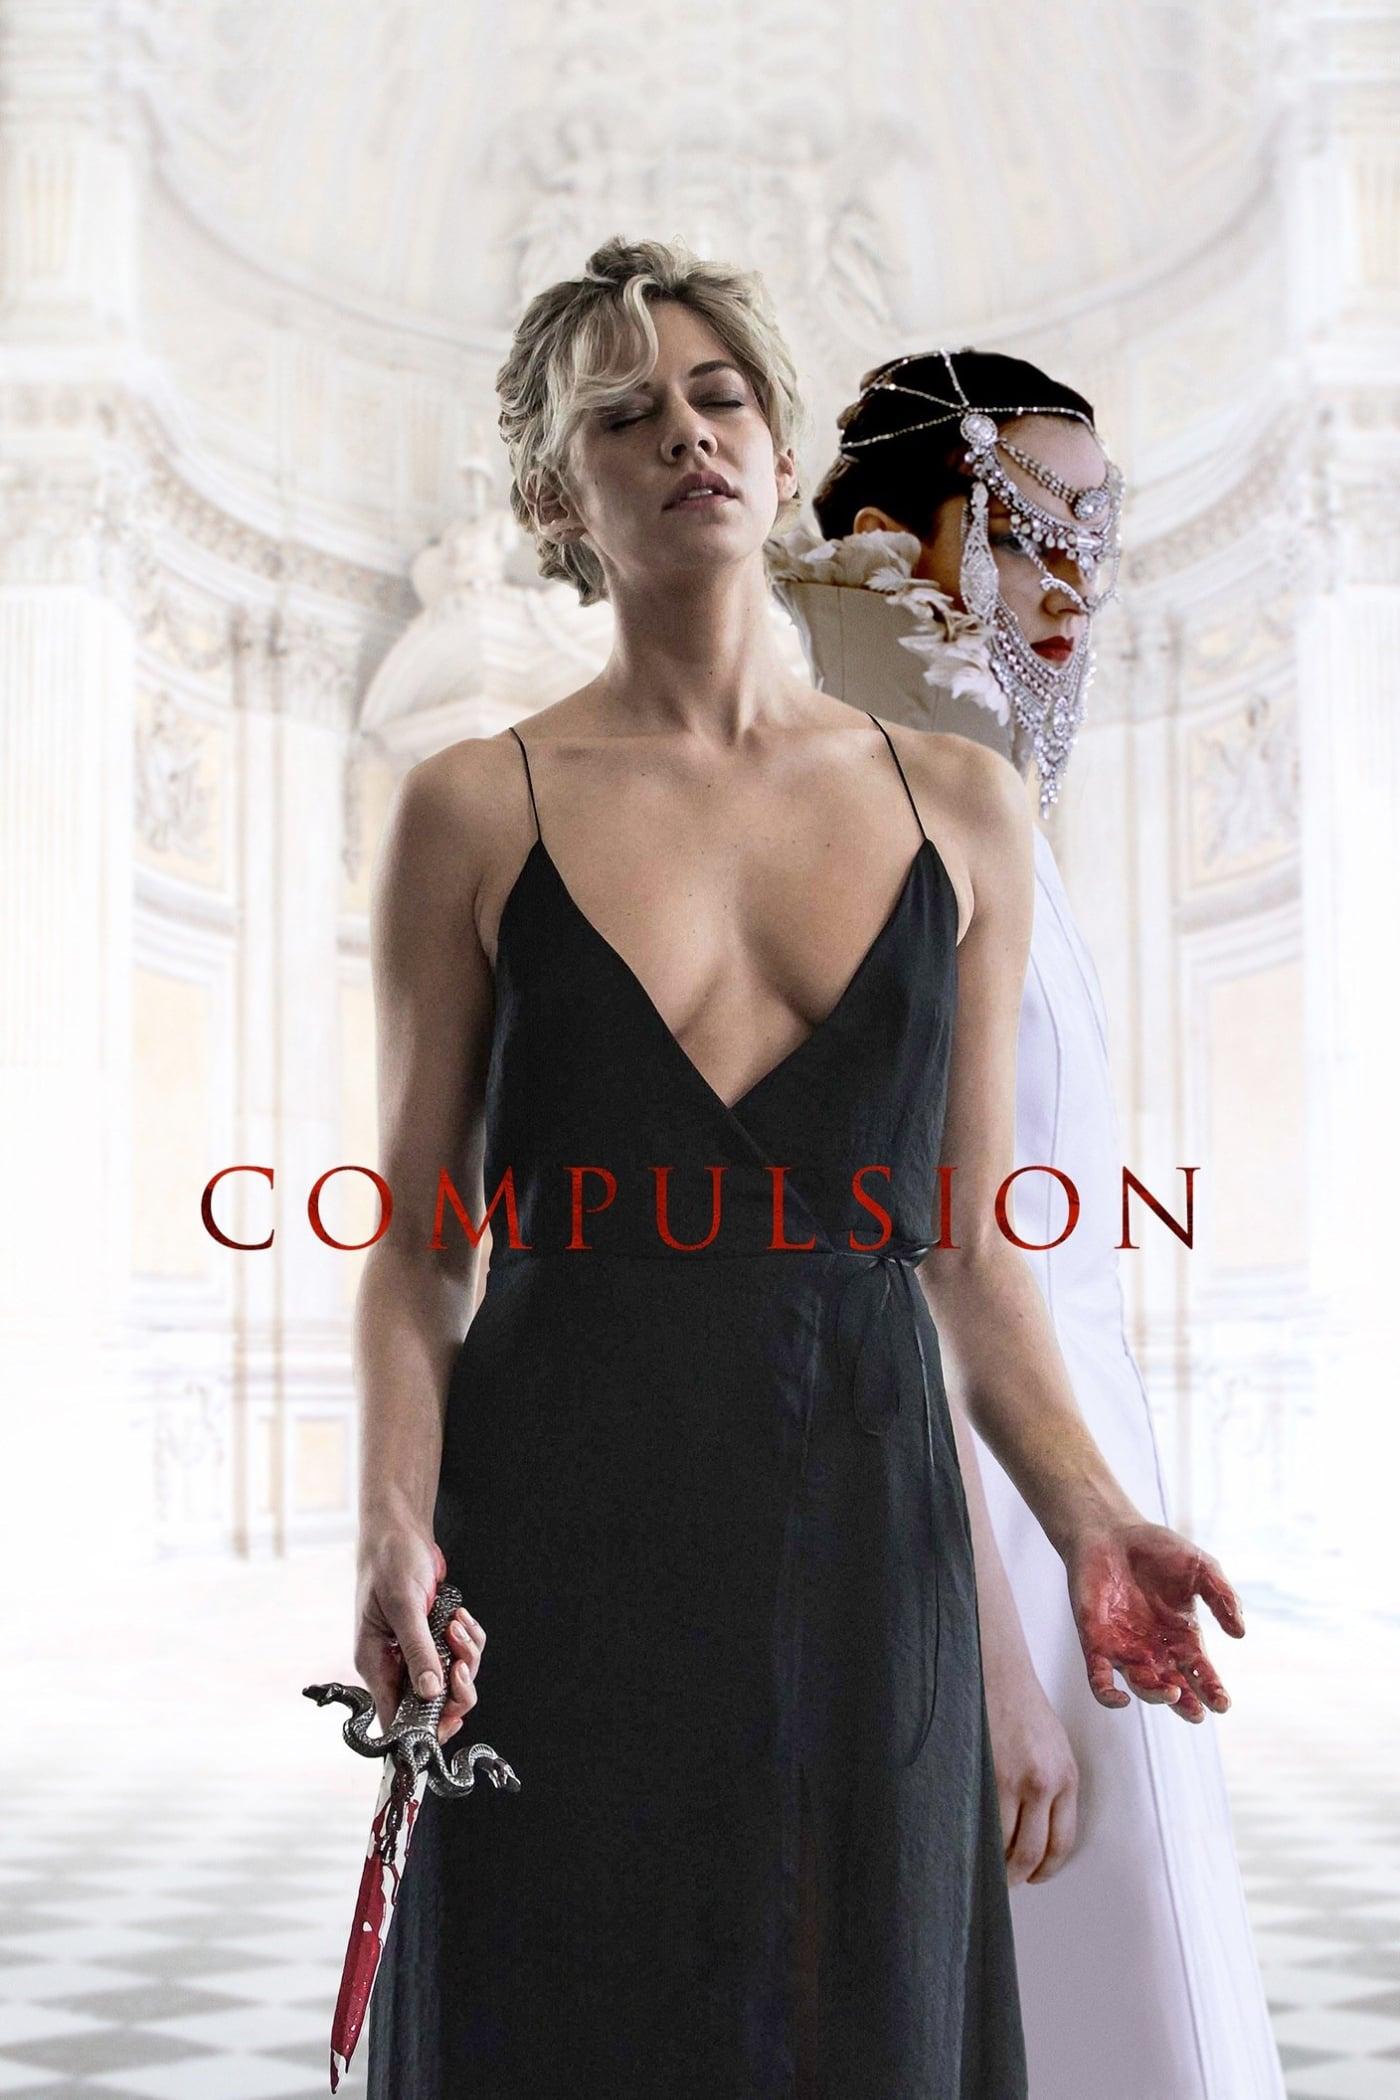 Sadie / Compulsion